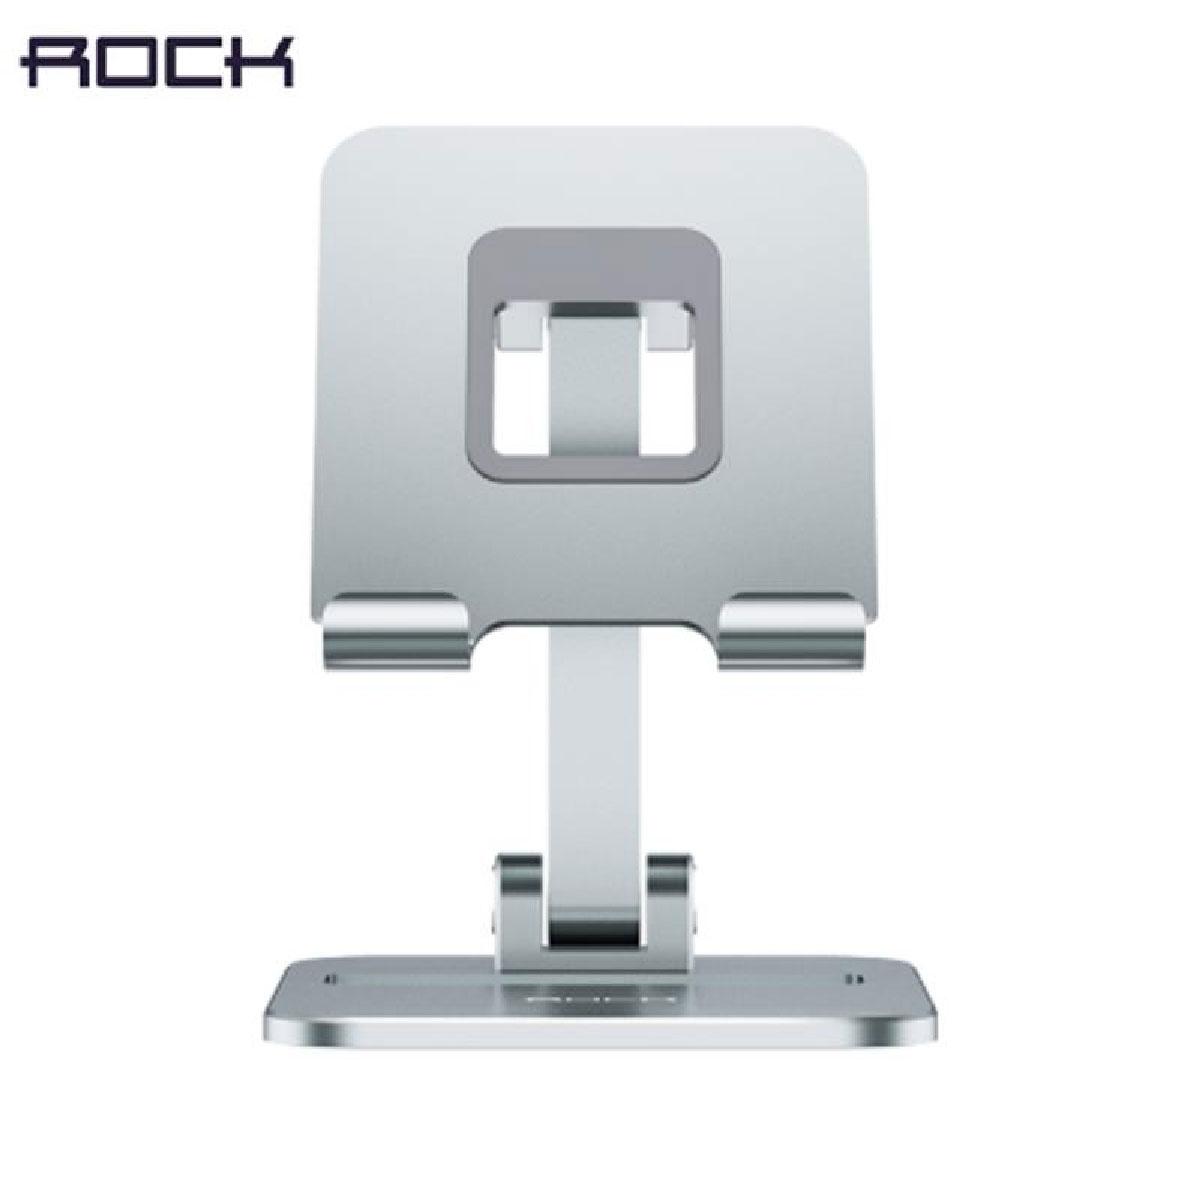 Suporte de Mesa Para Celular Ajustável Rock Cinza